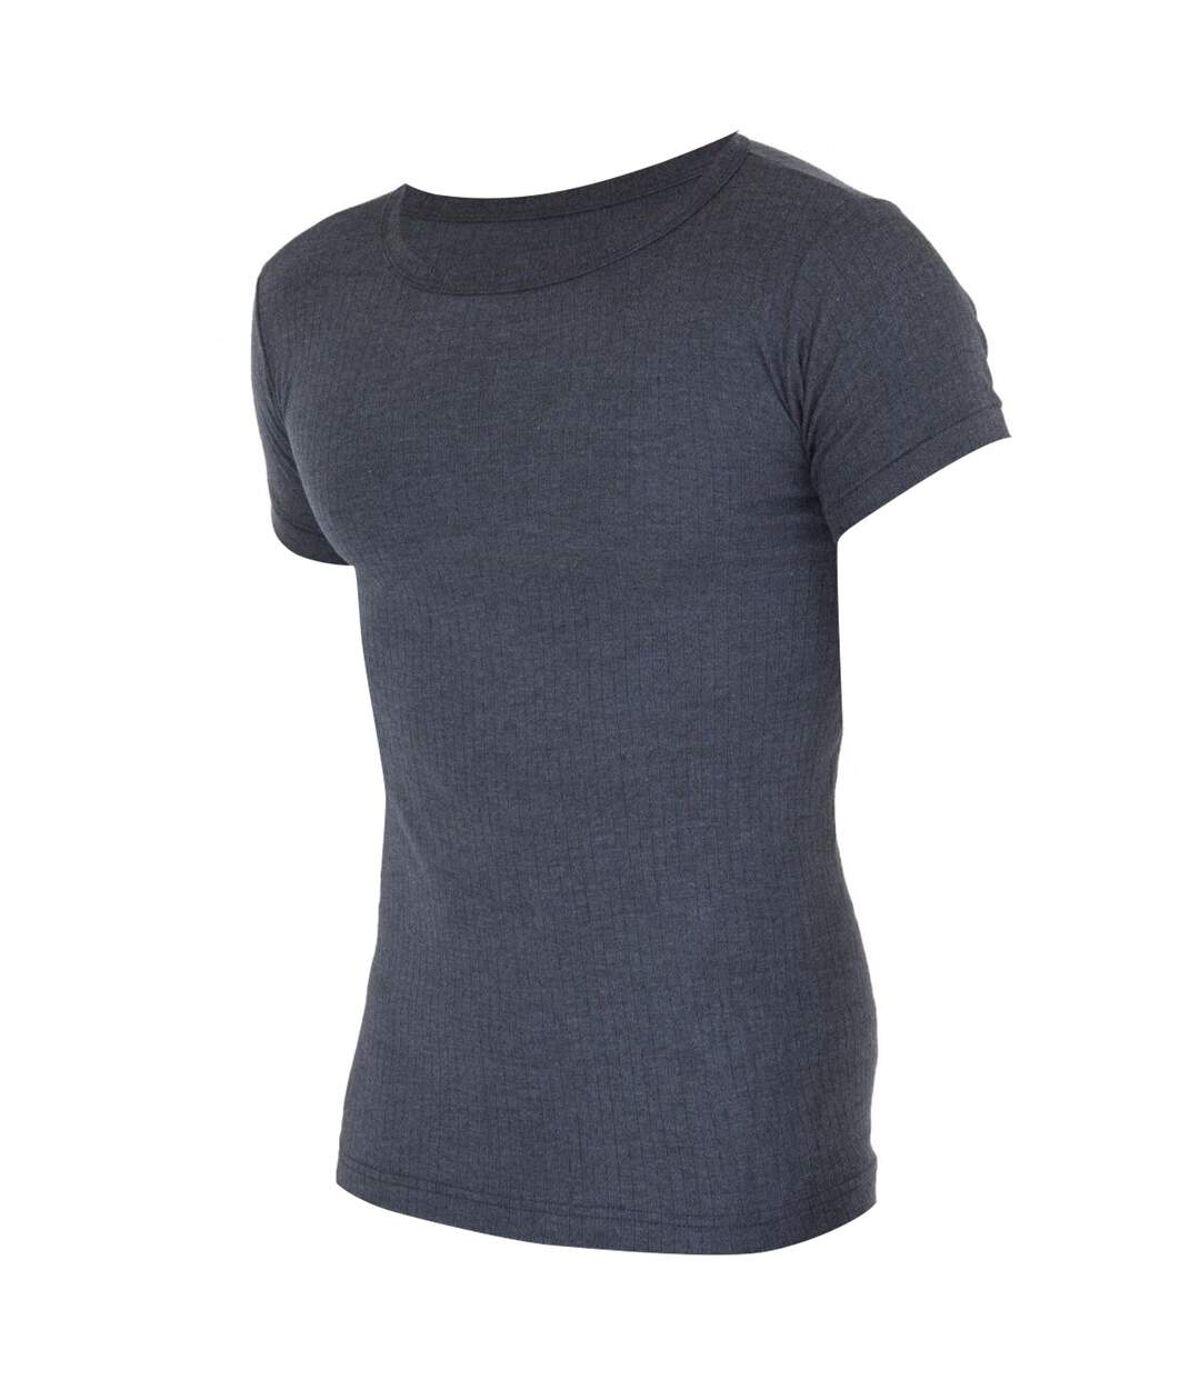 FLOSO - T-shirt thermique à manches courtes (en viscose) - Homme (Noir) - UTTHERM108